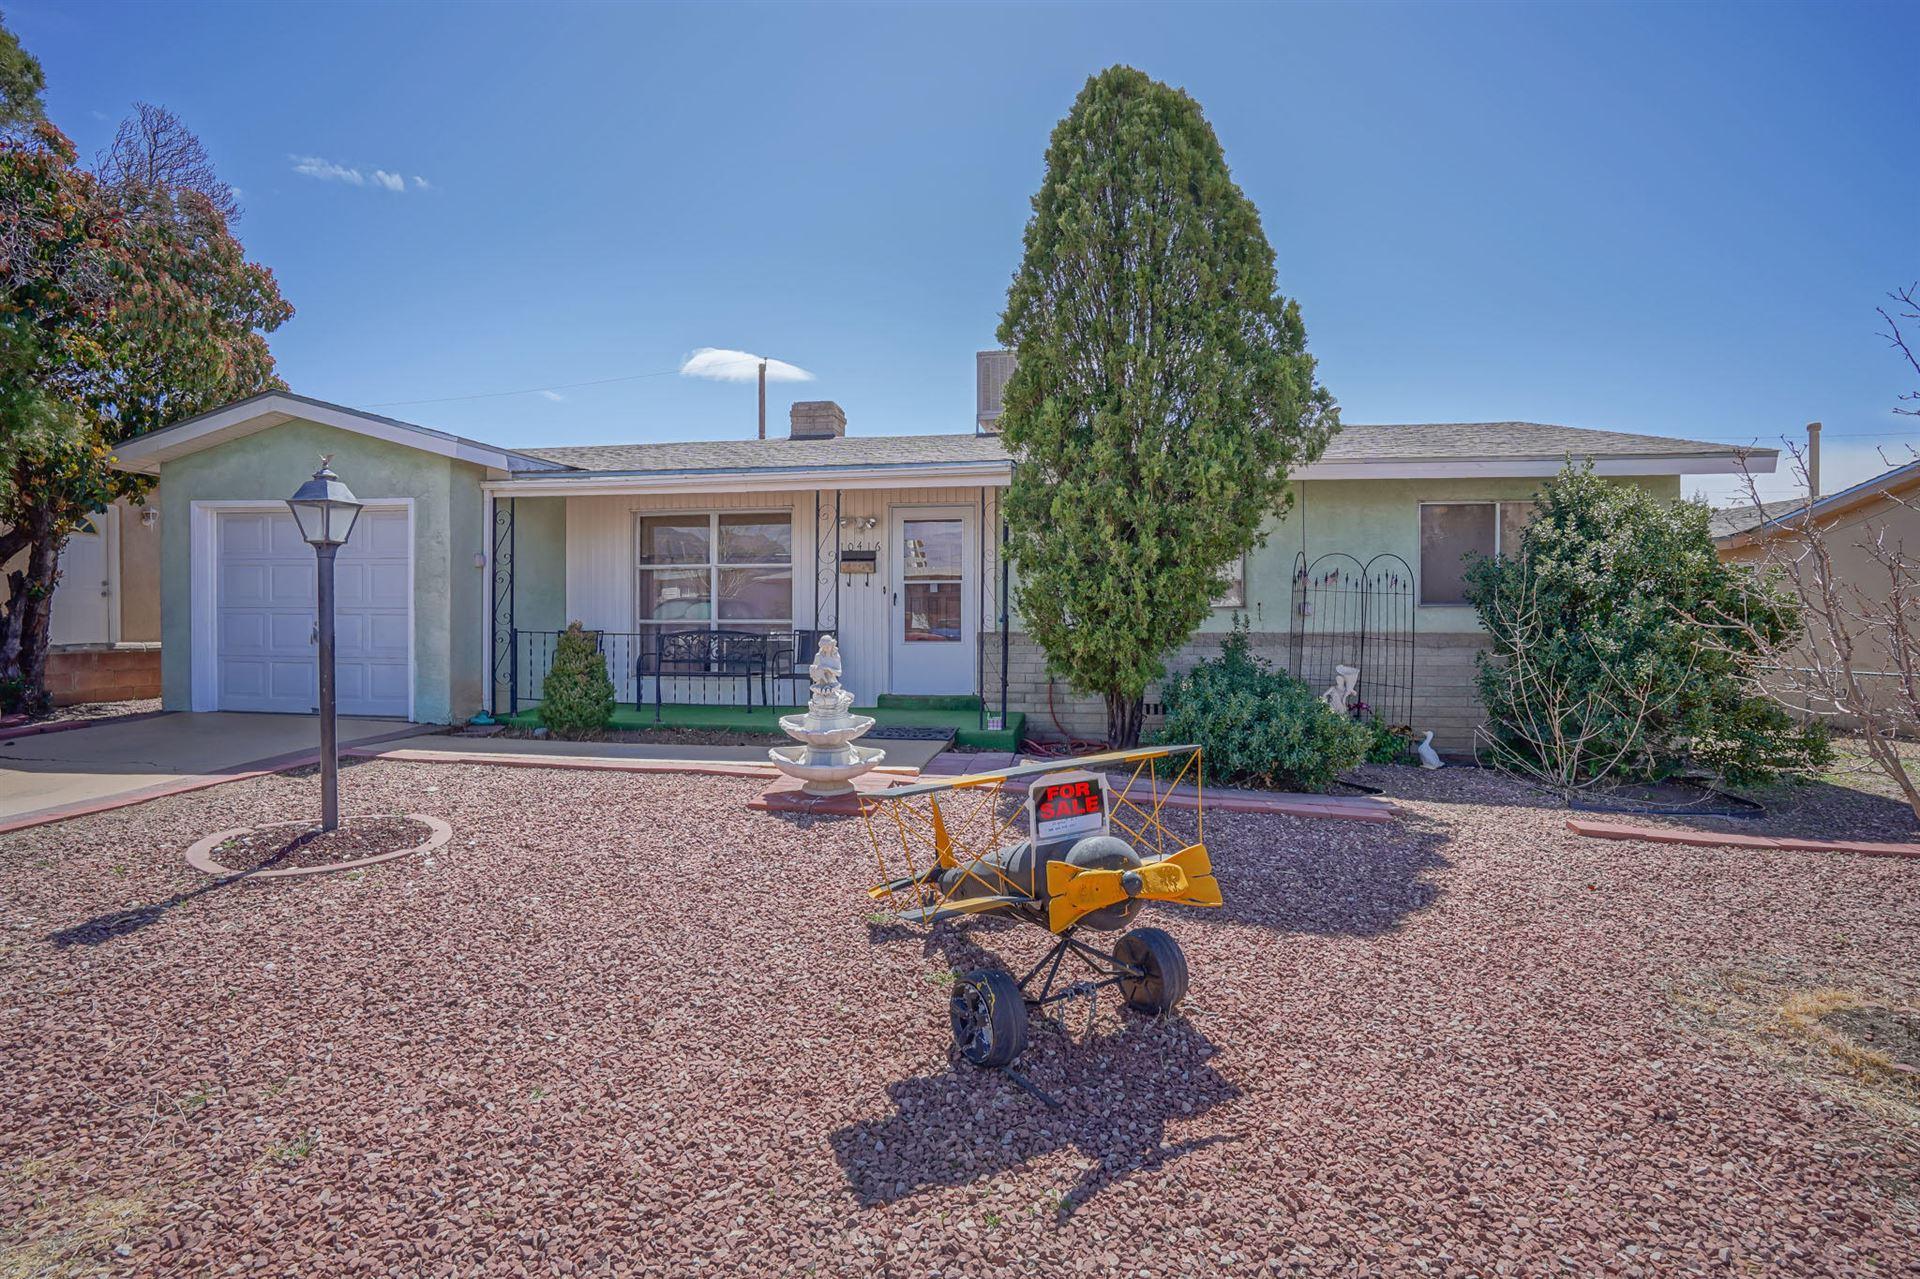 10416 ASPEN Avenue NE, Albuquerque, NM 87112 - MLS#: 988574